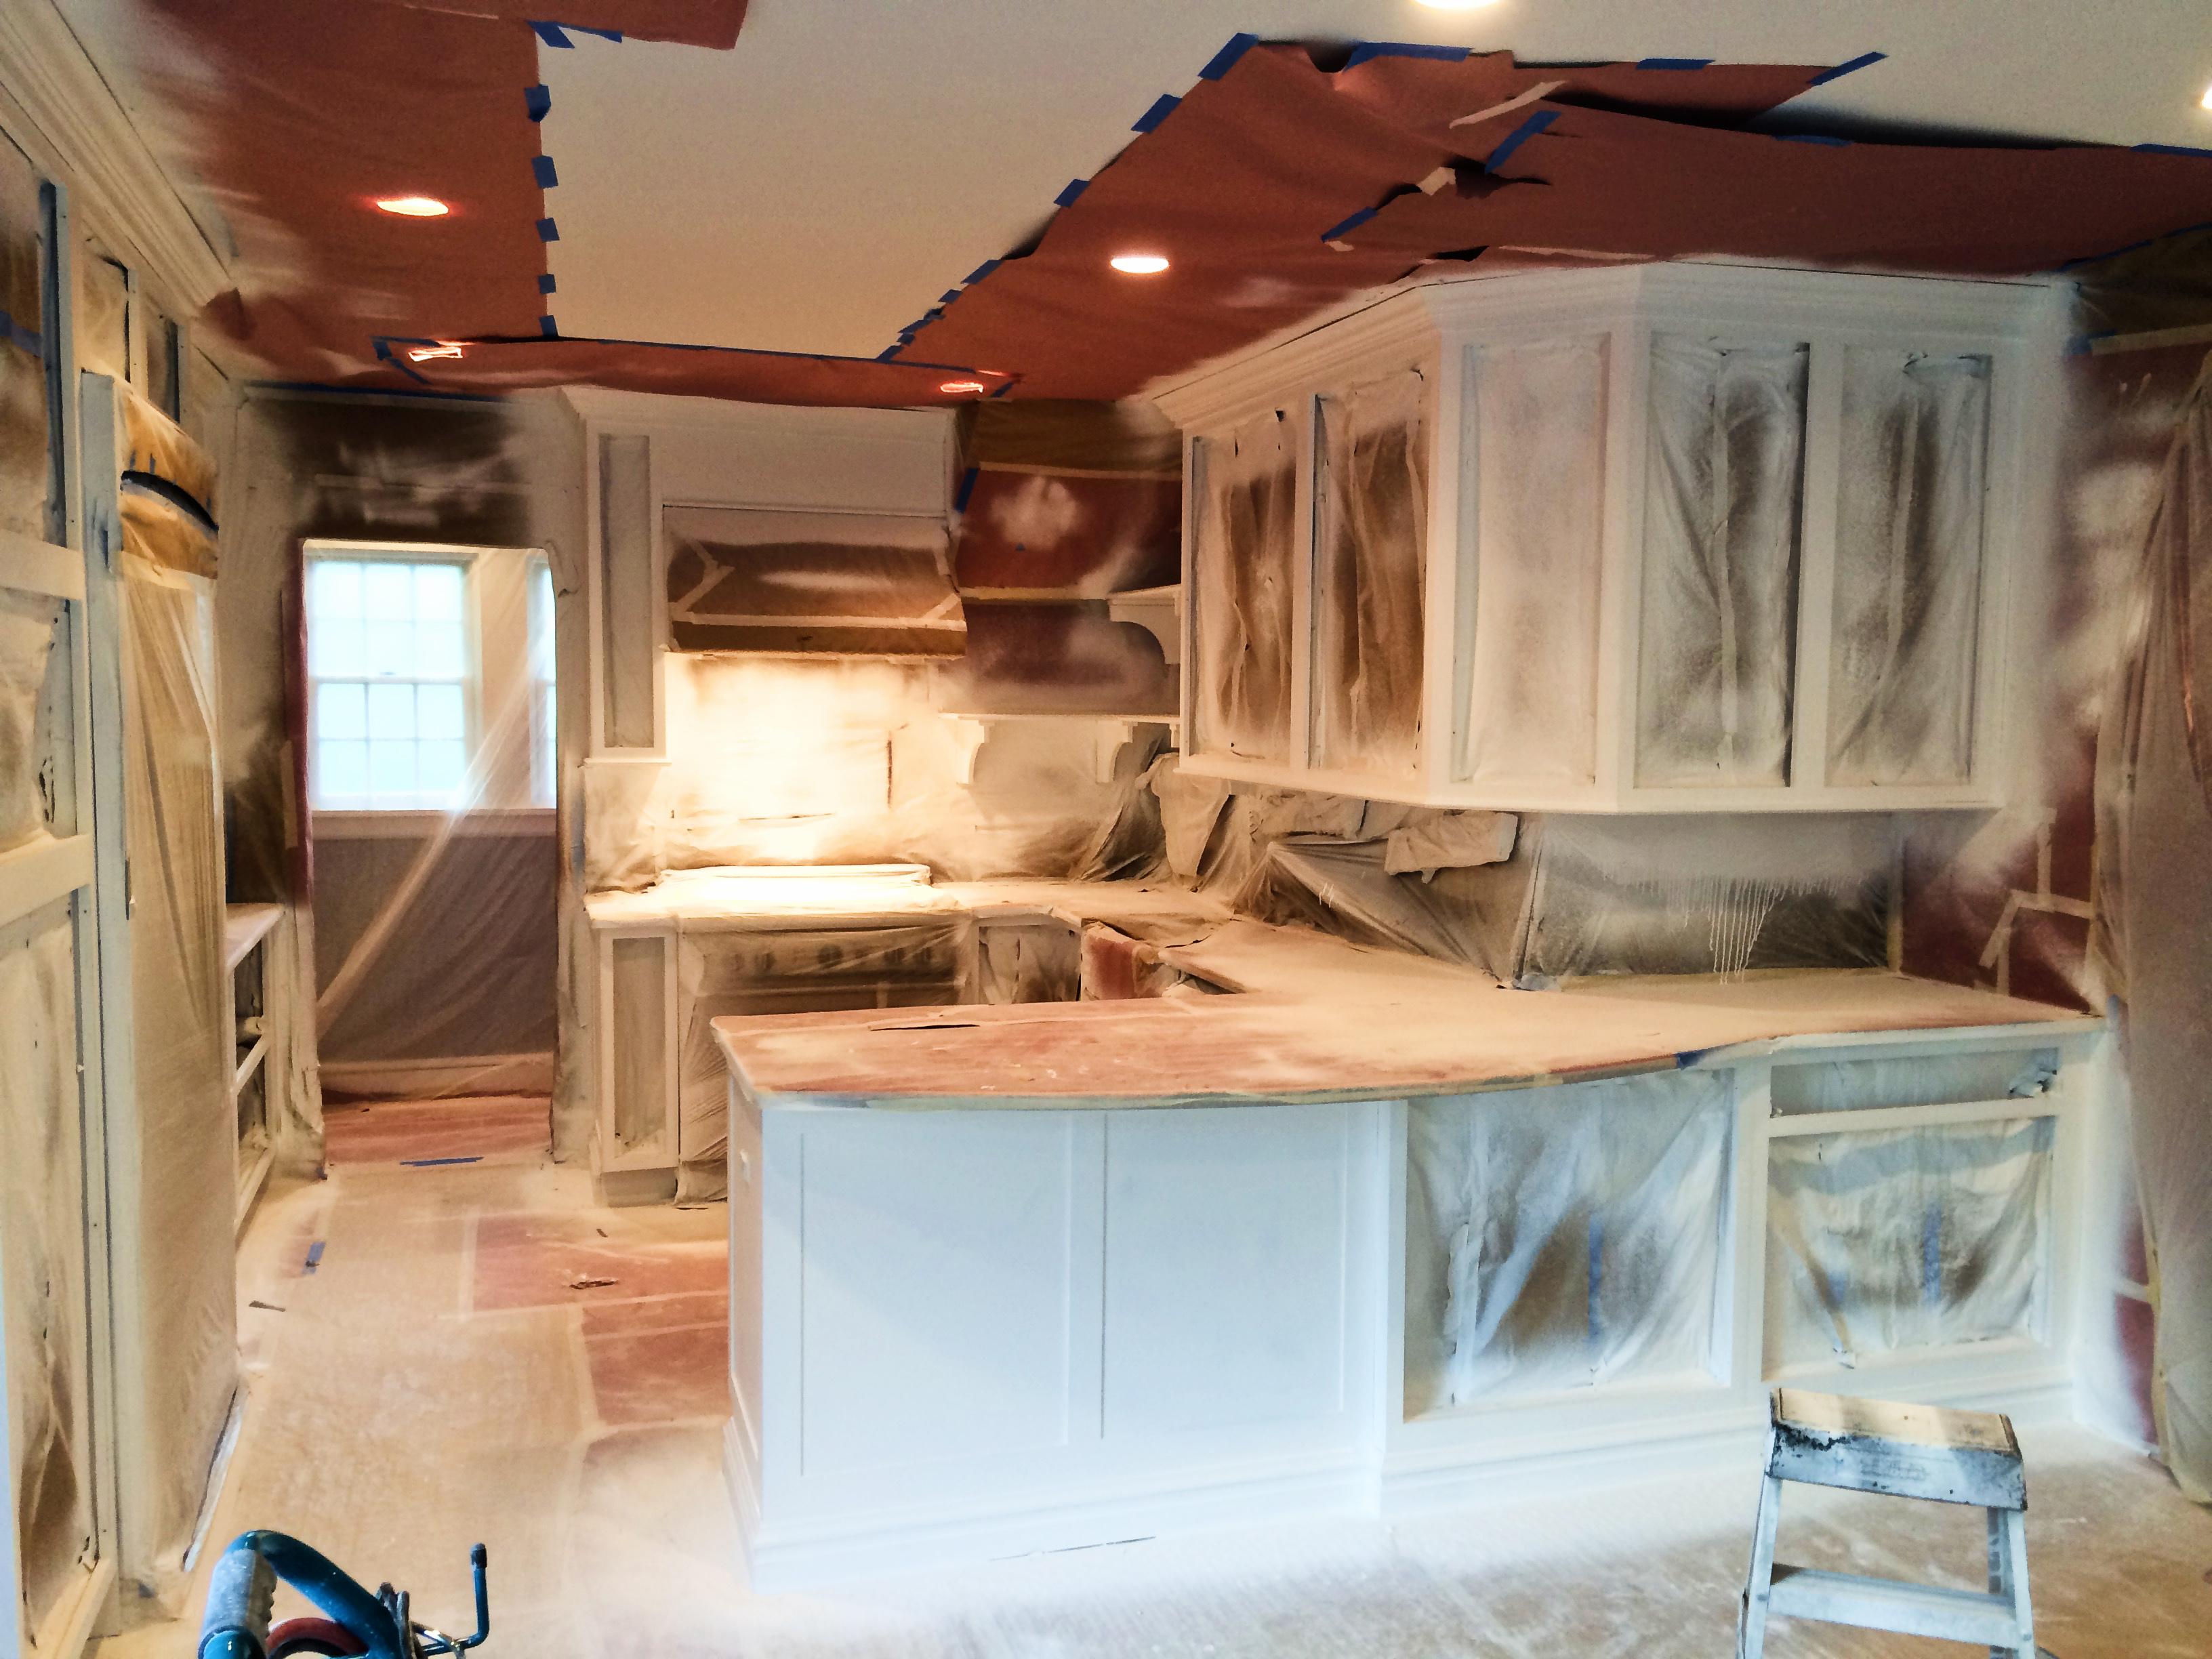 Kitchen Restoration (Process)